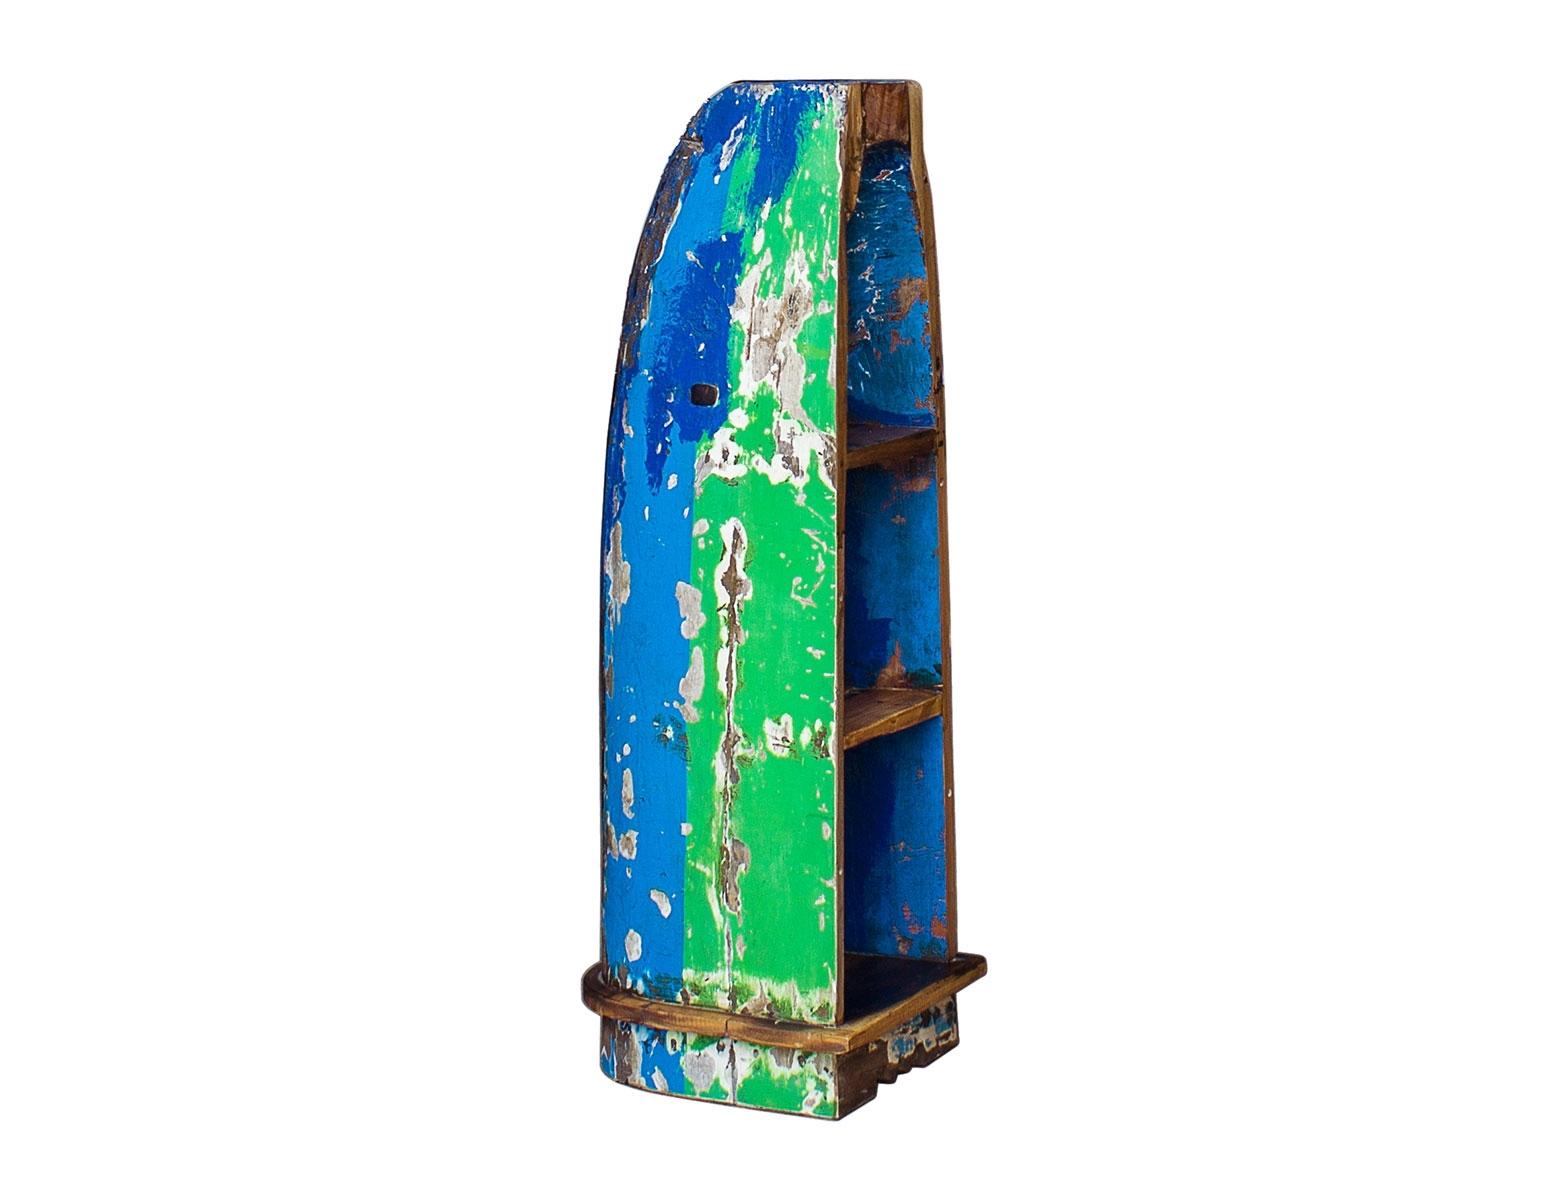 Лодка-стеллаж БэнксиСтеллажи и этажерки<br>Напольный стеллаж, выполненный из старой рыбацкой лодки изящной вытянутой формы с сохранением оригинальной многослойной окраски.<br><br>Имеет 3 полки разной вместимости.<br>Подходит для использования как внутри помещения, так и снаружи.<br>Сборка не требуется.<br><br>Material: Тик<br>Ширина см: 40<br>Высота см: 122<br>Глубина см: 40